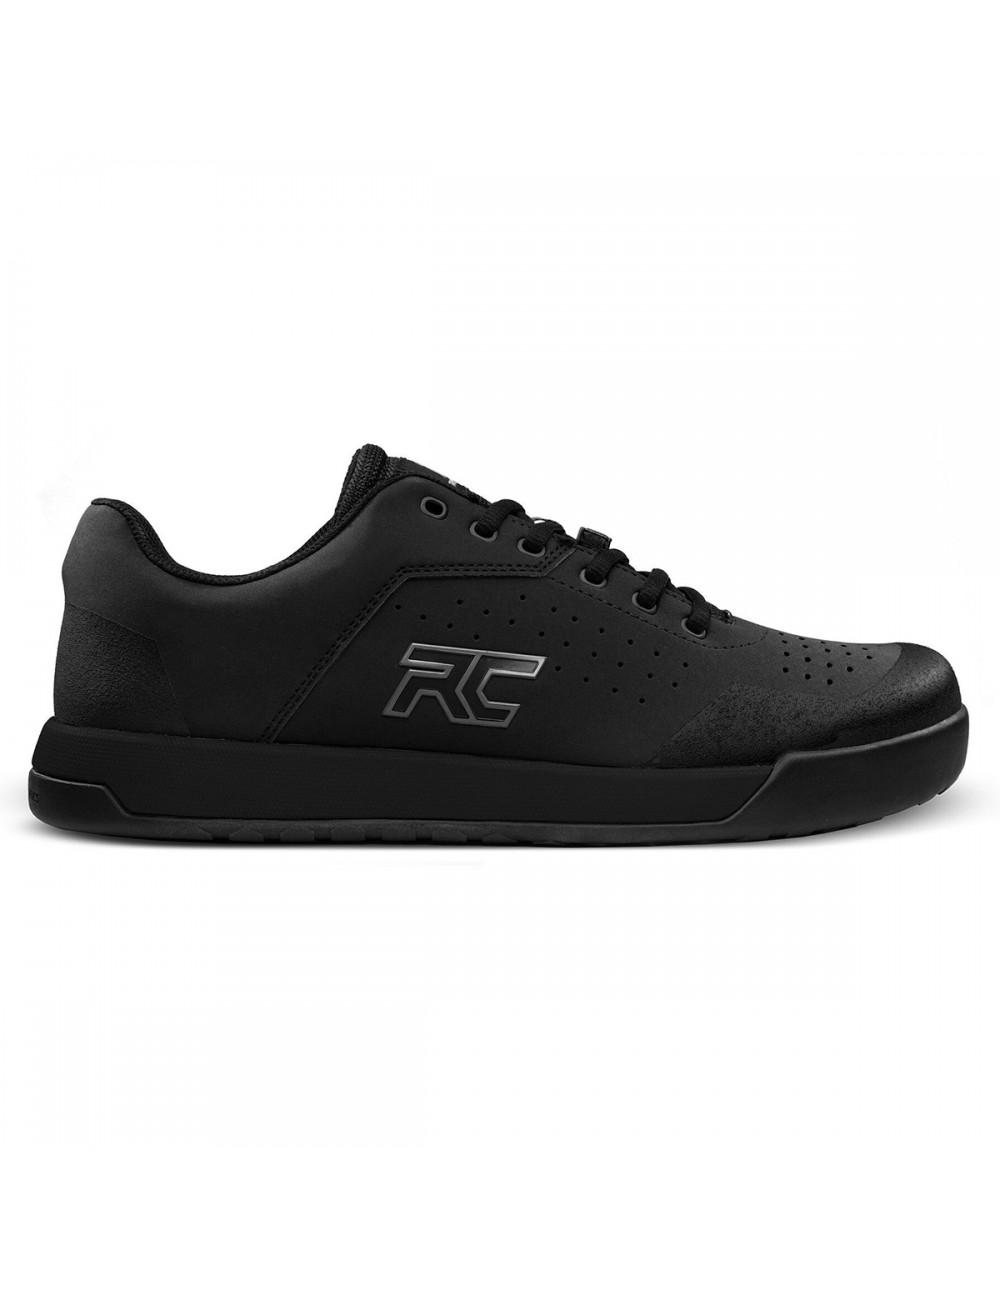 Ride Concepts Hellion Shoe - Black_12869